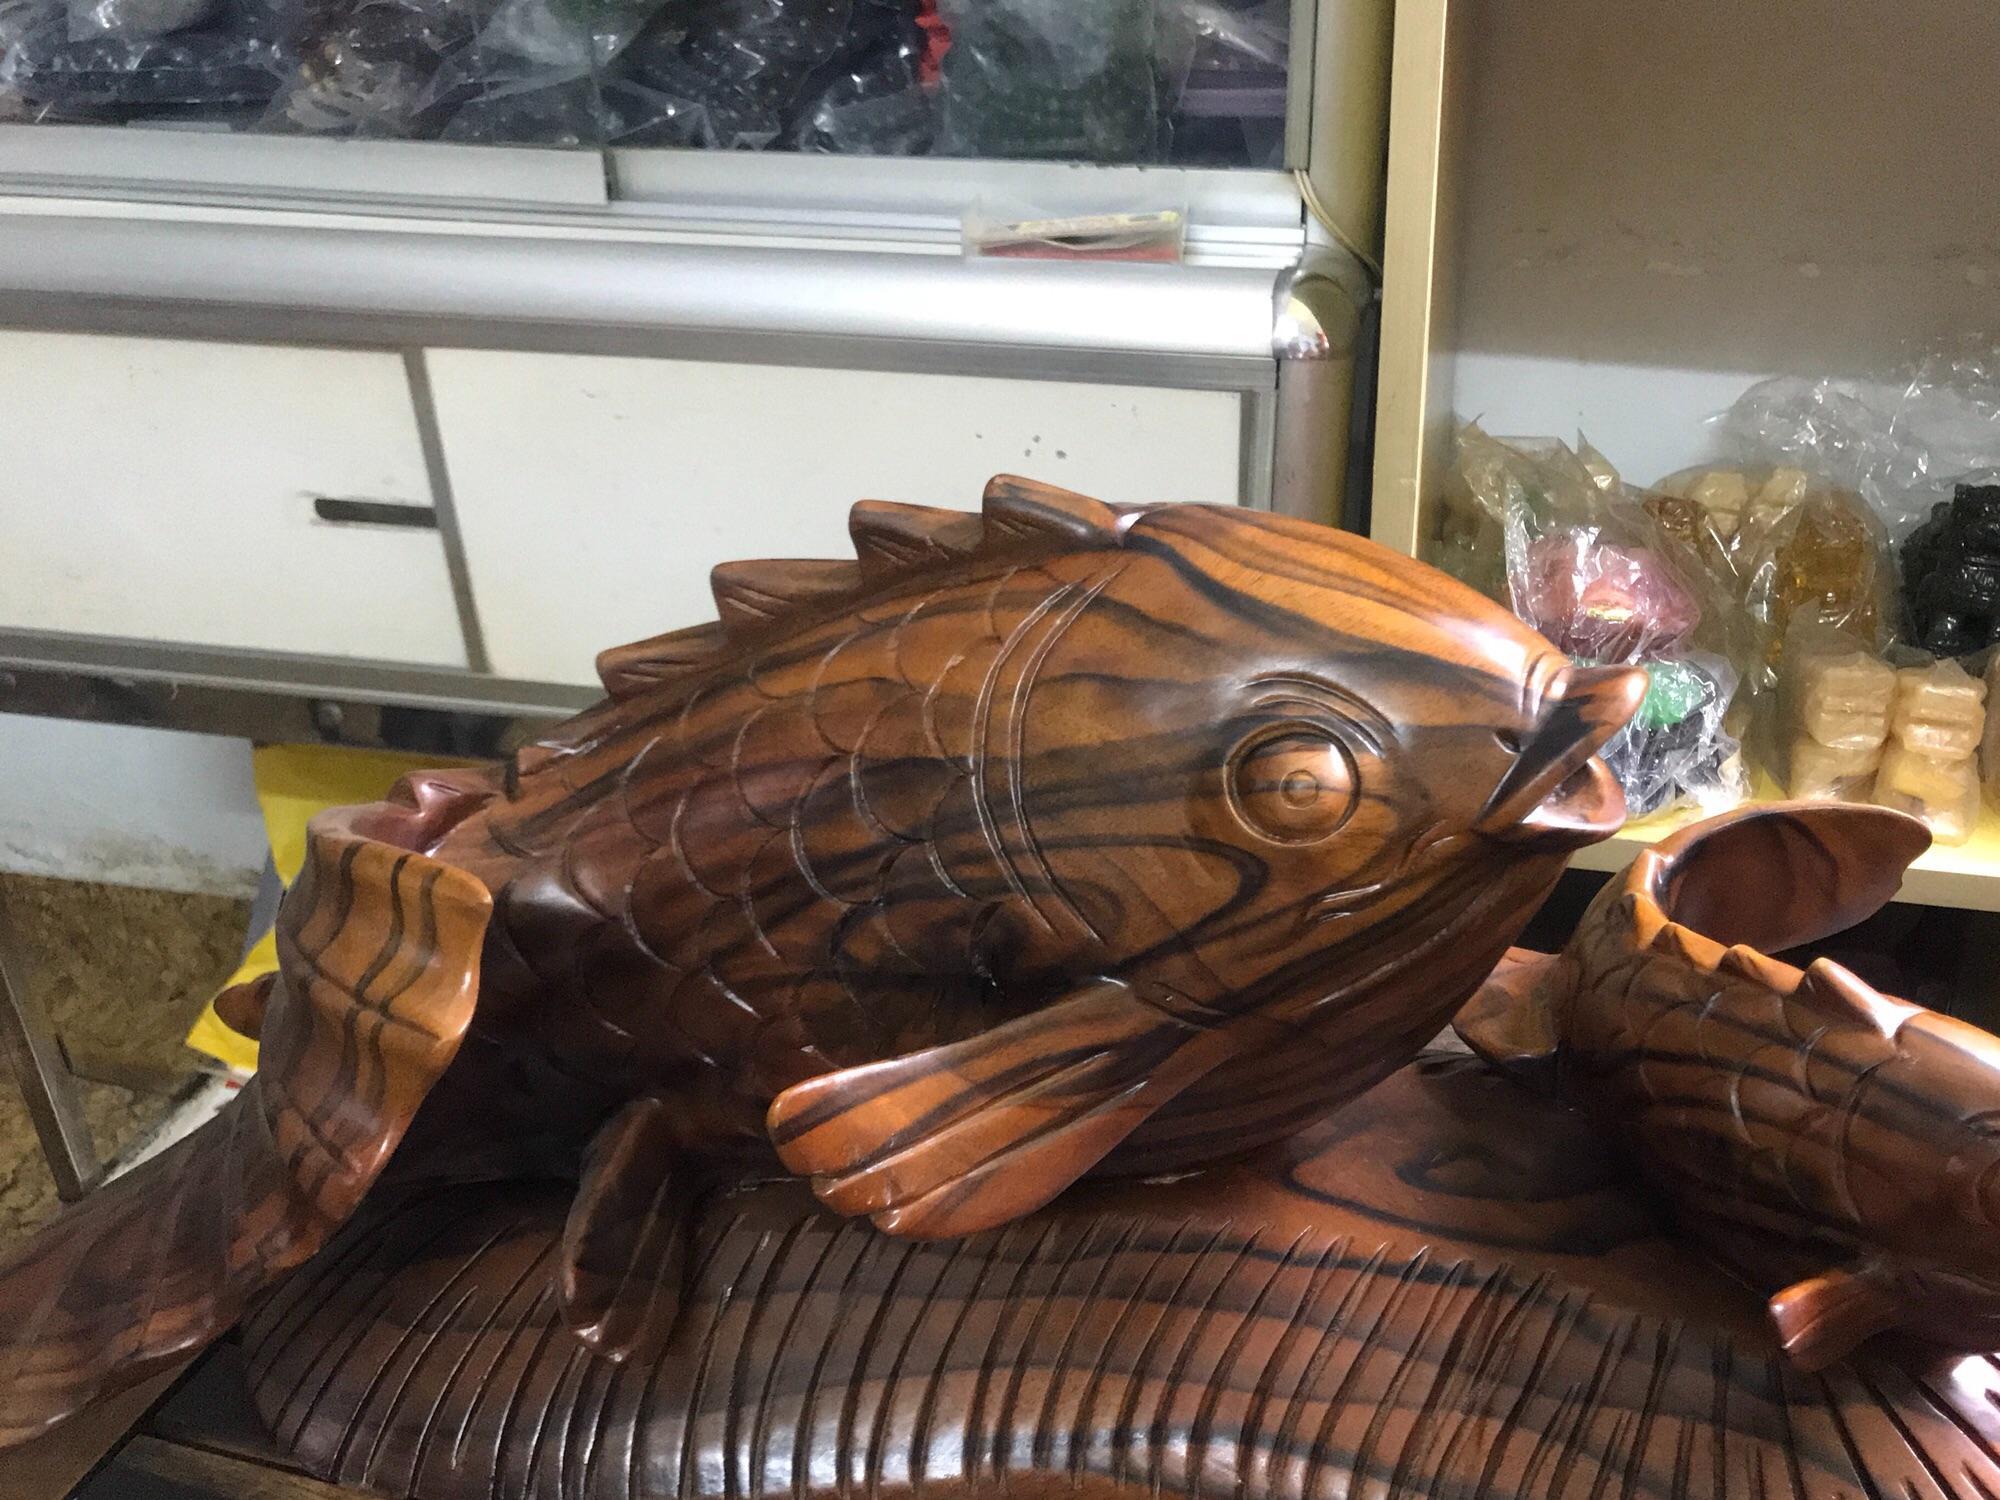 Cá Chép Phong Thủy Mẹ Con Gỗ Gõ Pu Vân Sọc Đen Đậm Đẹp 60cm Cao 30cm Ngang 25cm  Có Cá Có Tiền Để Bàn